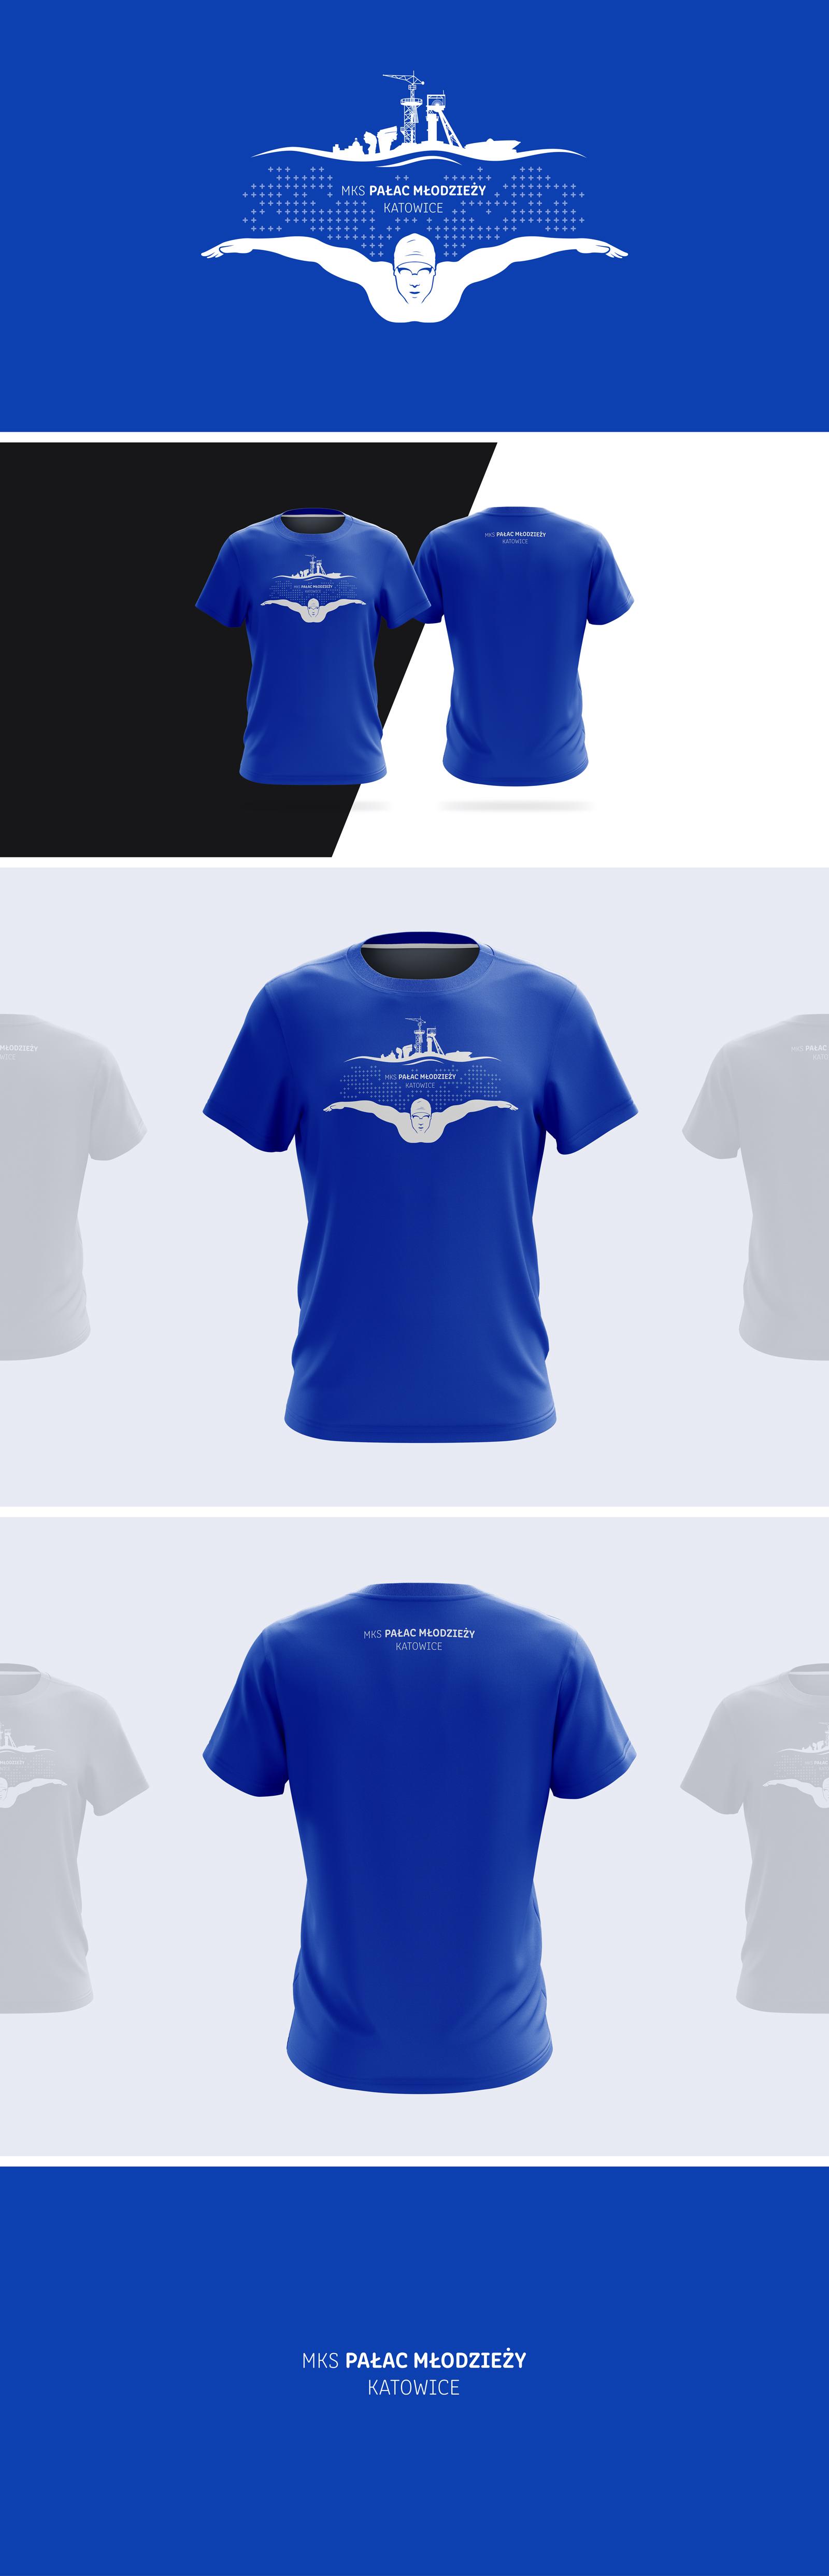 Projekt nadruku na koszulki MKSPałac Młodzieży Basen Pływanie Katowice